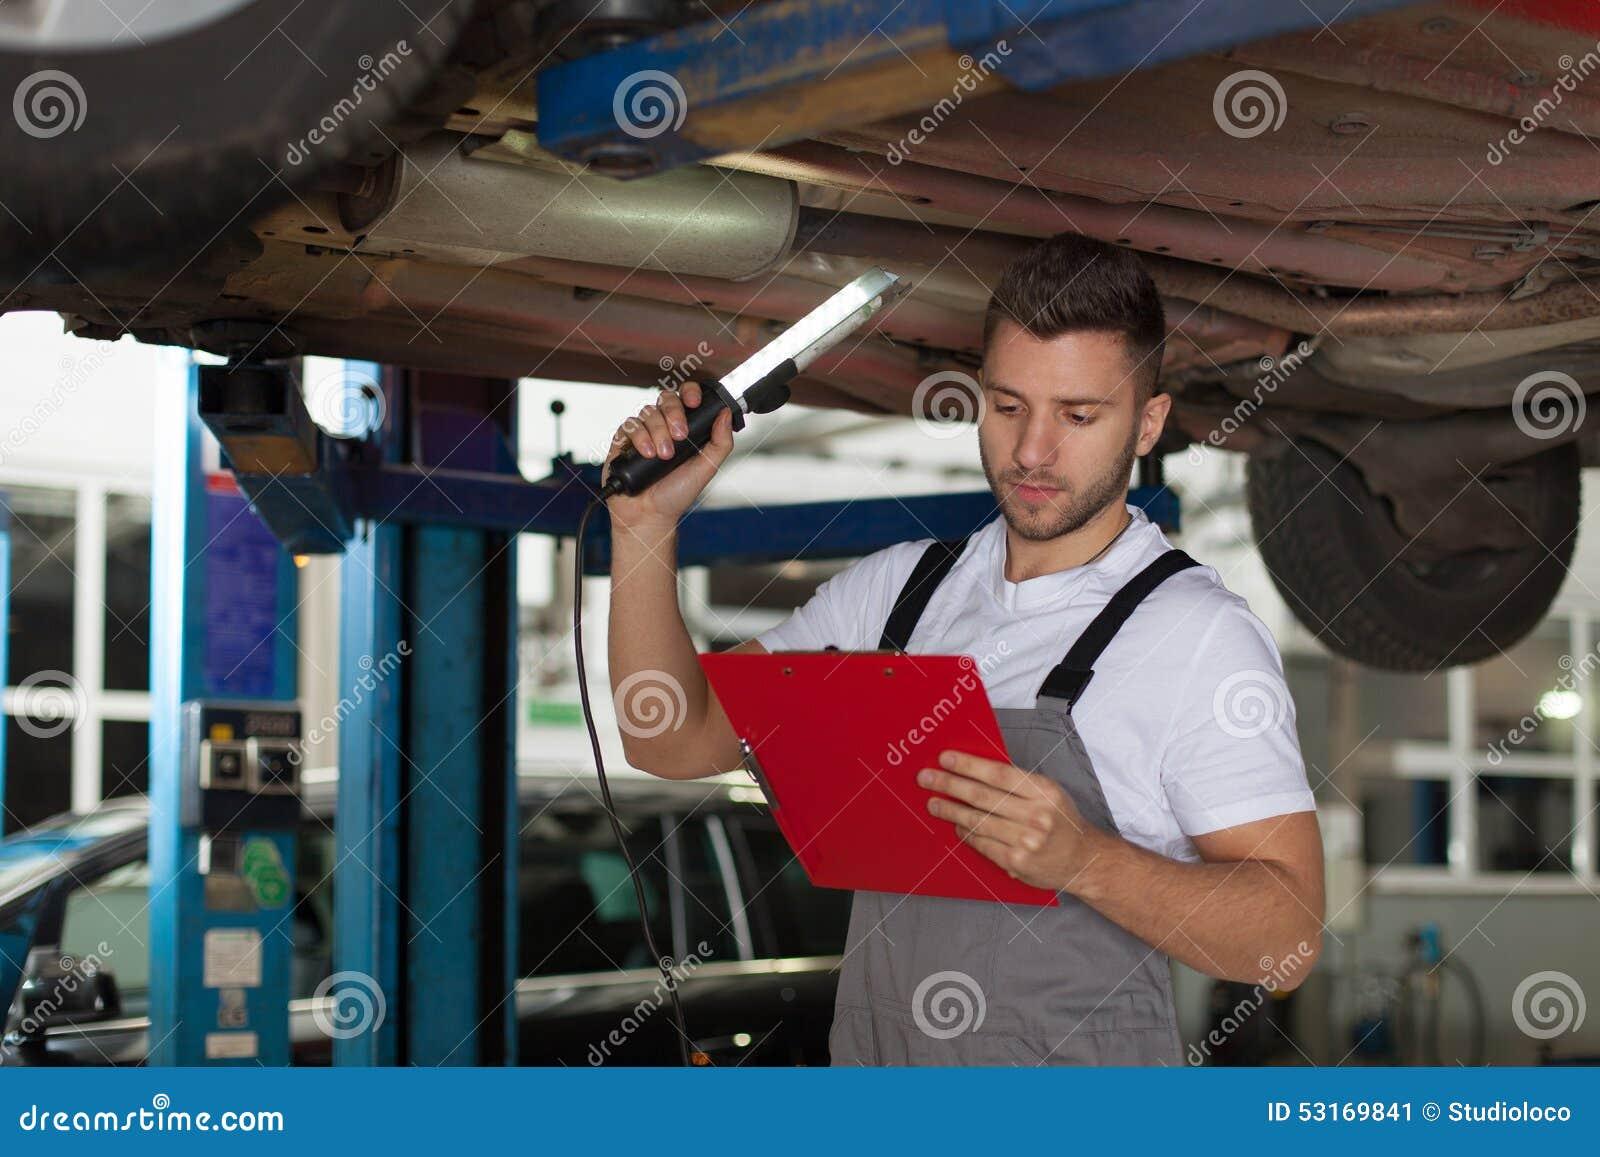 汽车机械师清单